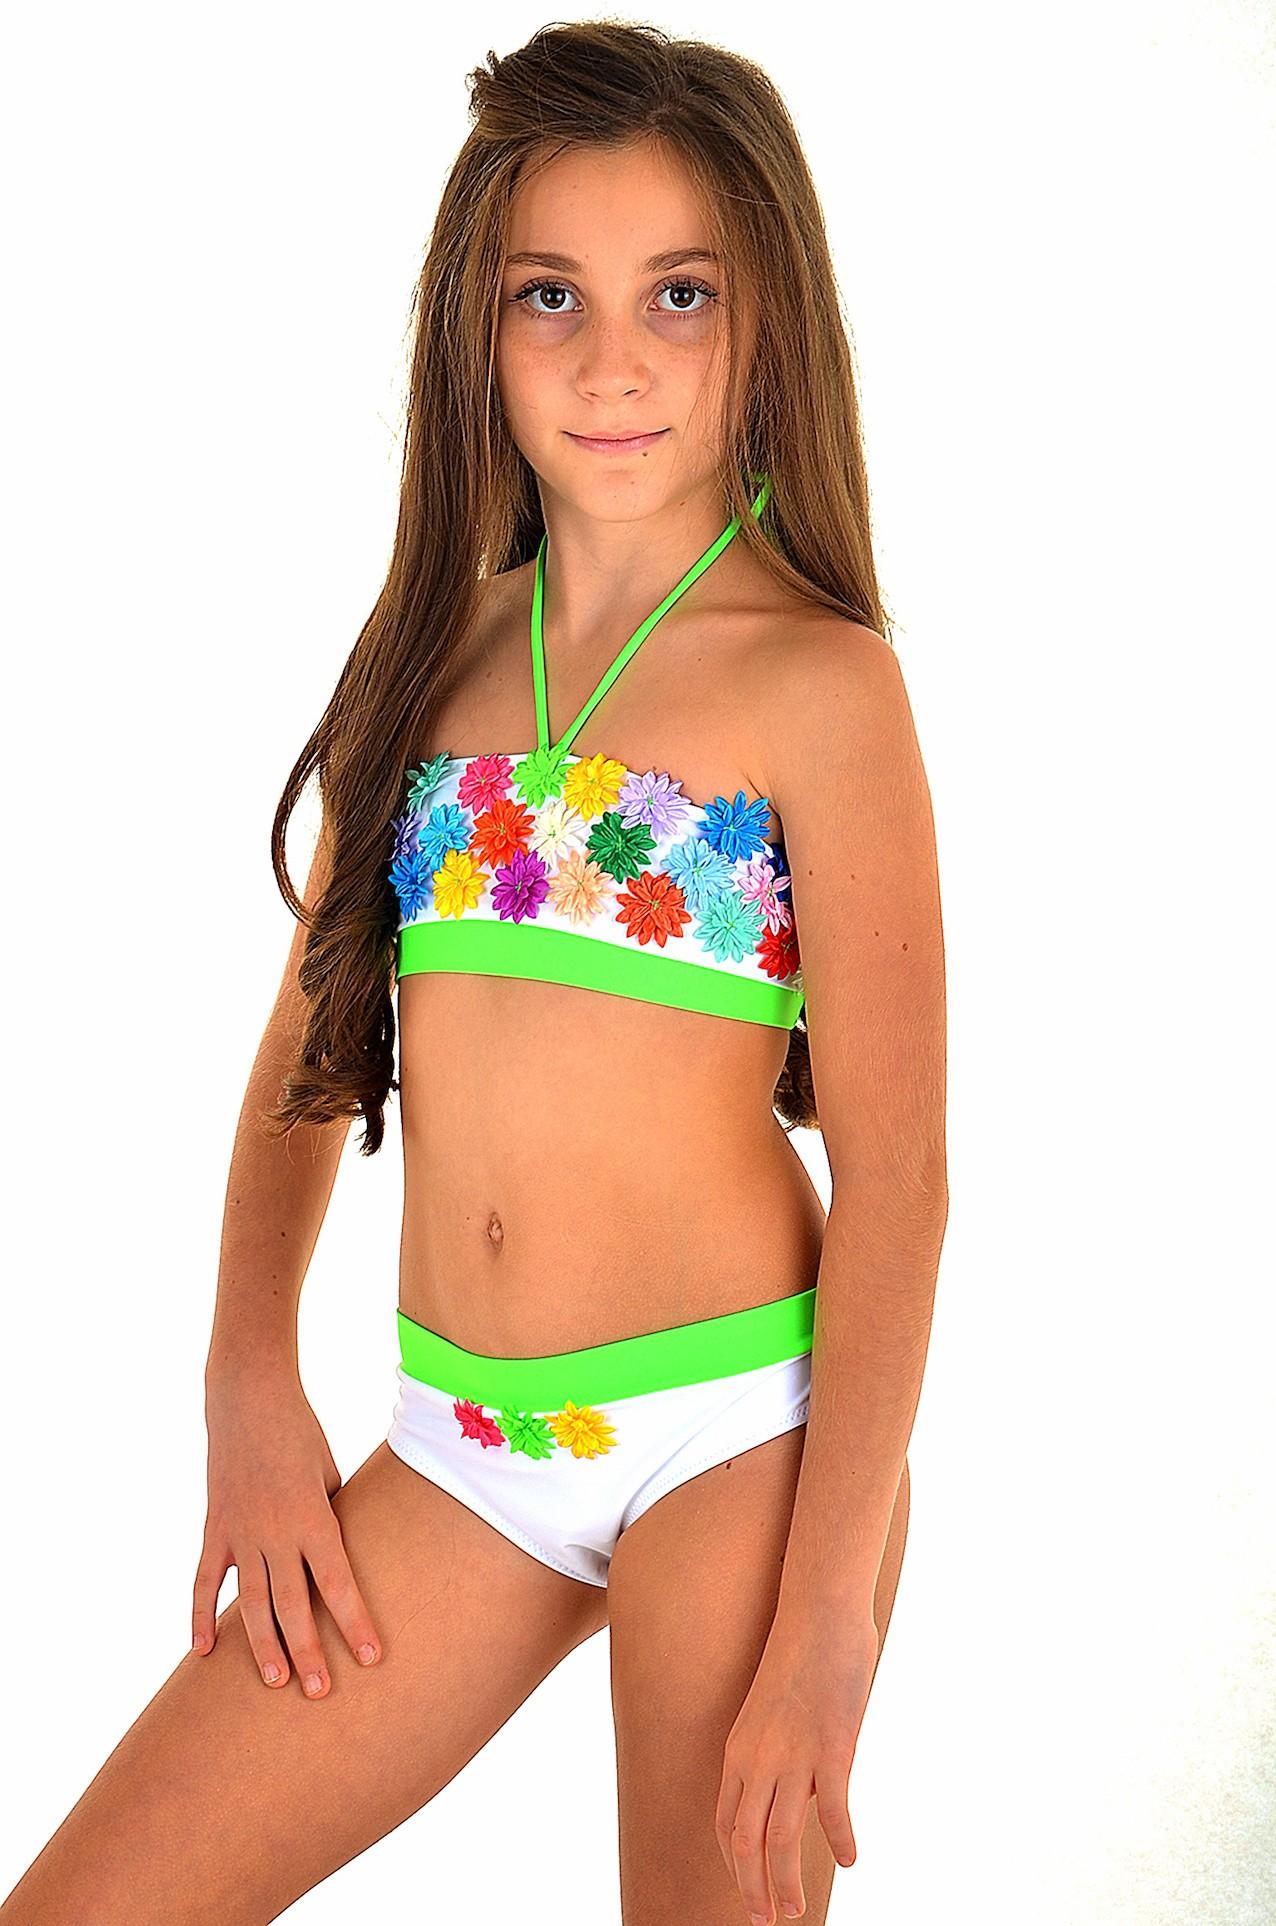 Разноцветный купальник для девочки цветами BAEL Радуга 5527 0f1b6b5007642